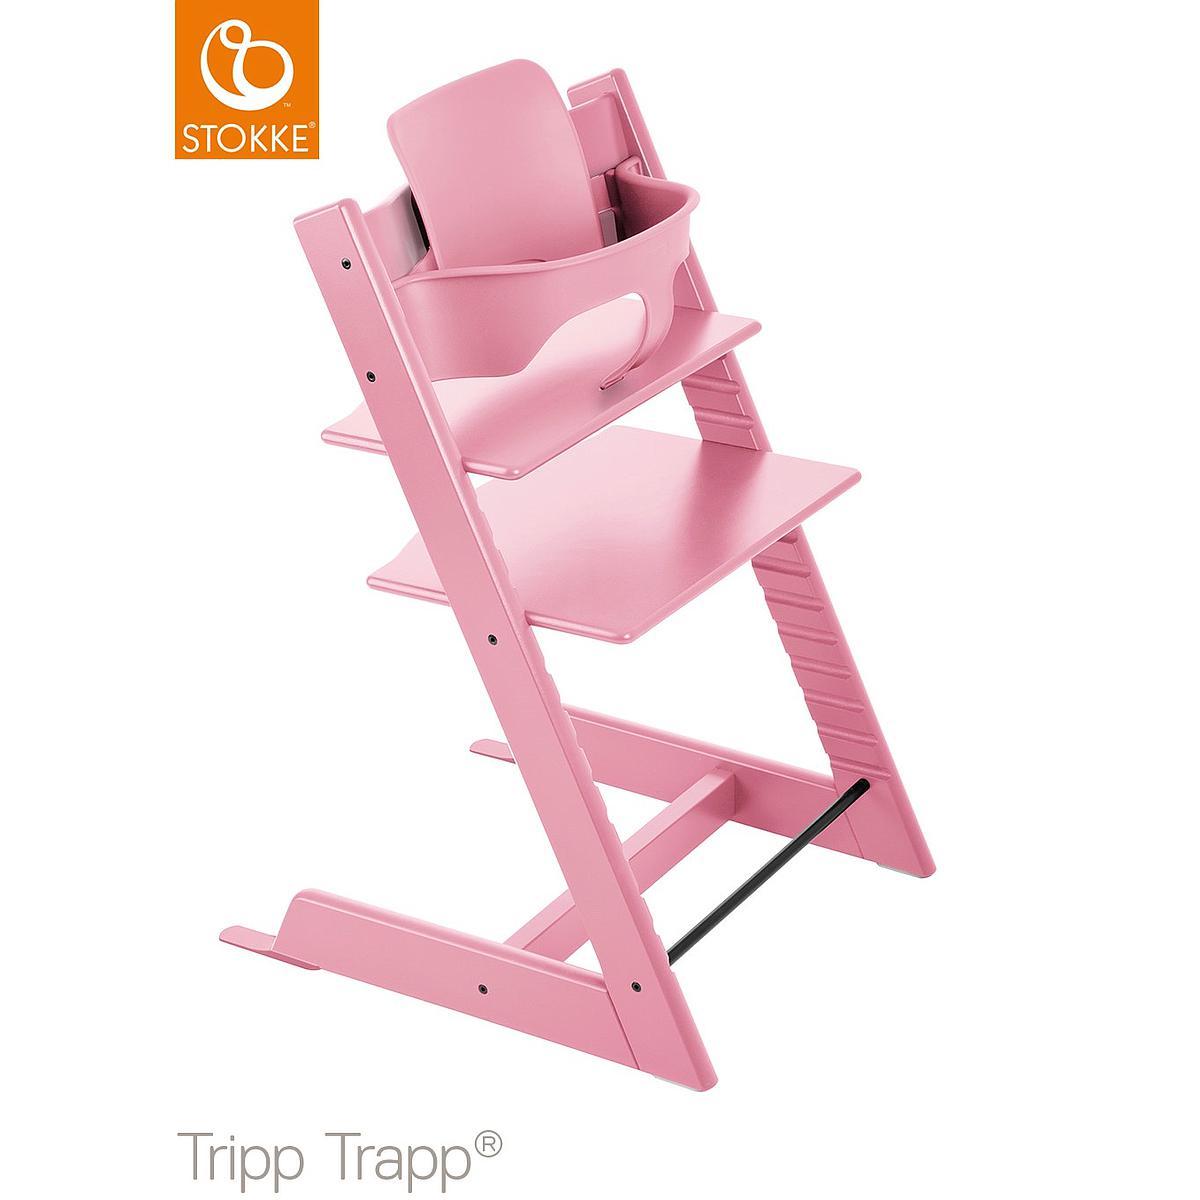 TRIPP TRAPP Babyset bébé STOKKE rose pale